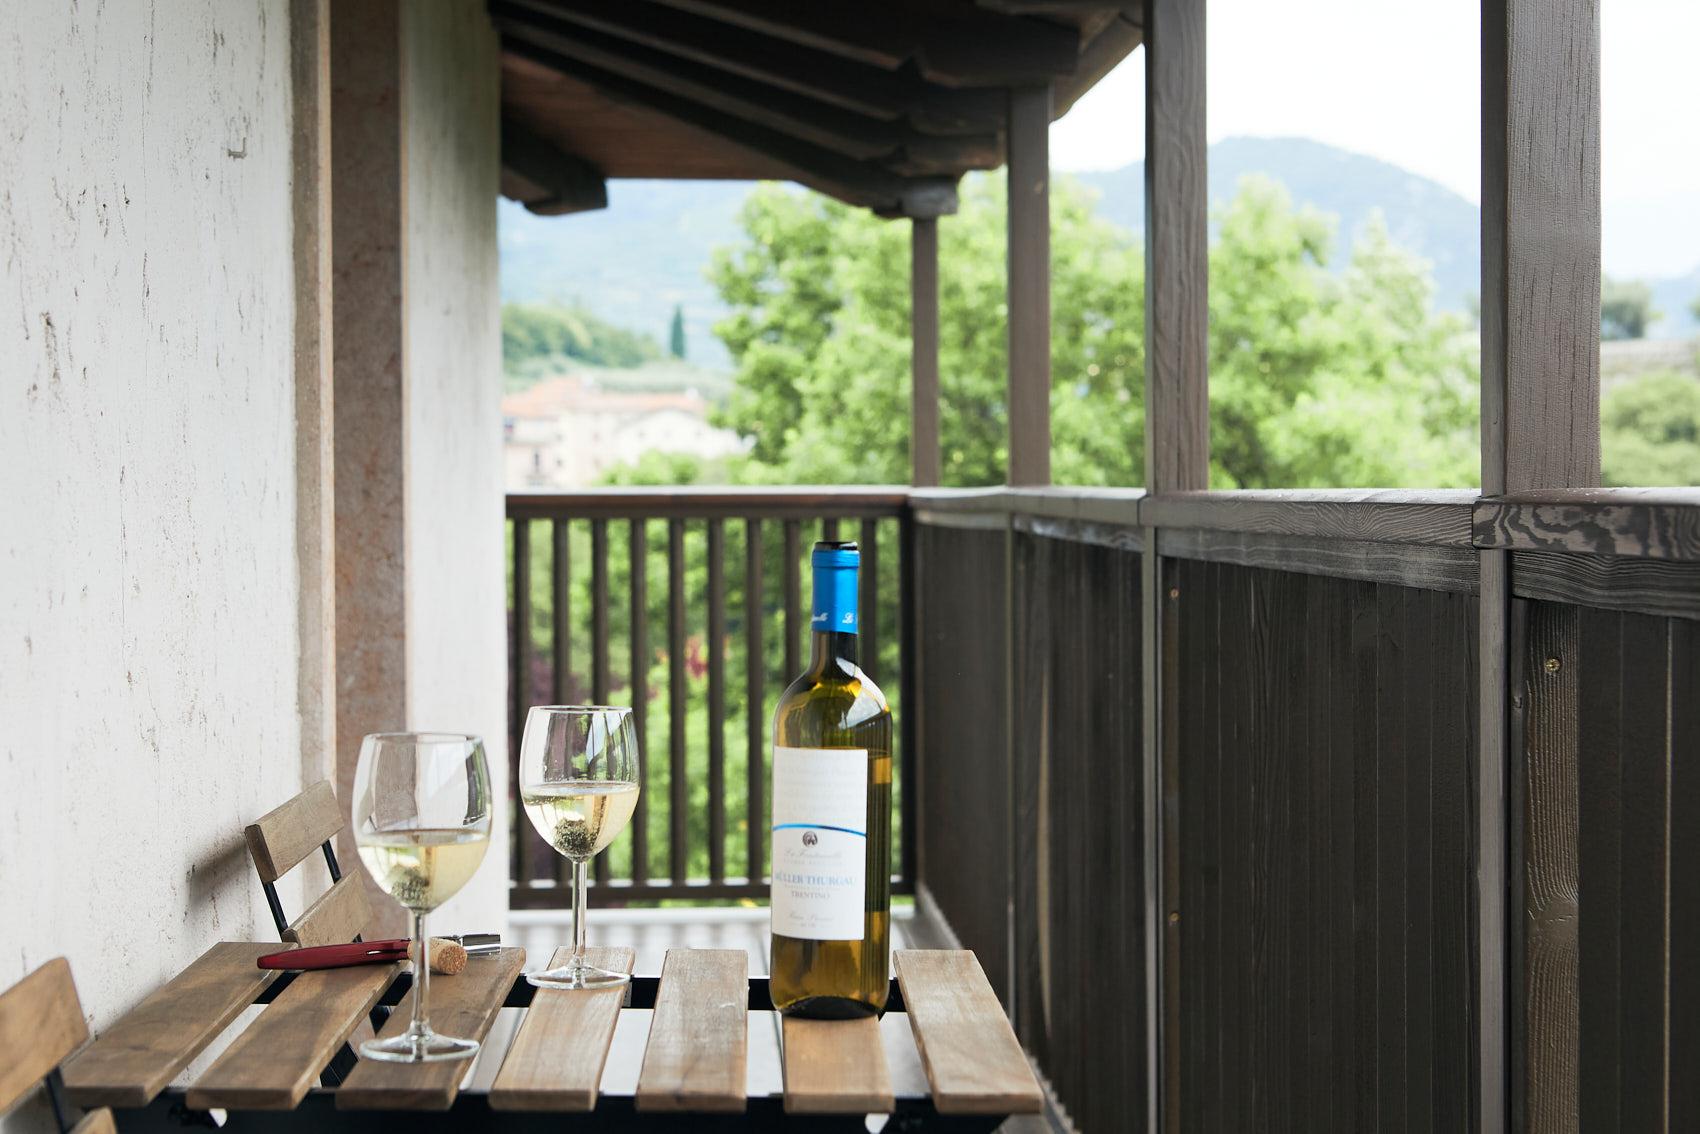 Residenza alle Grazie - Riva del Garda - Appartamenti turistici